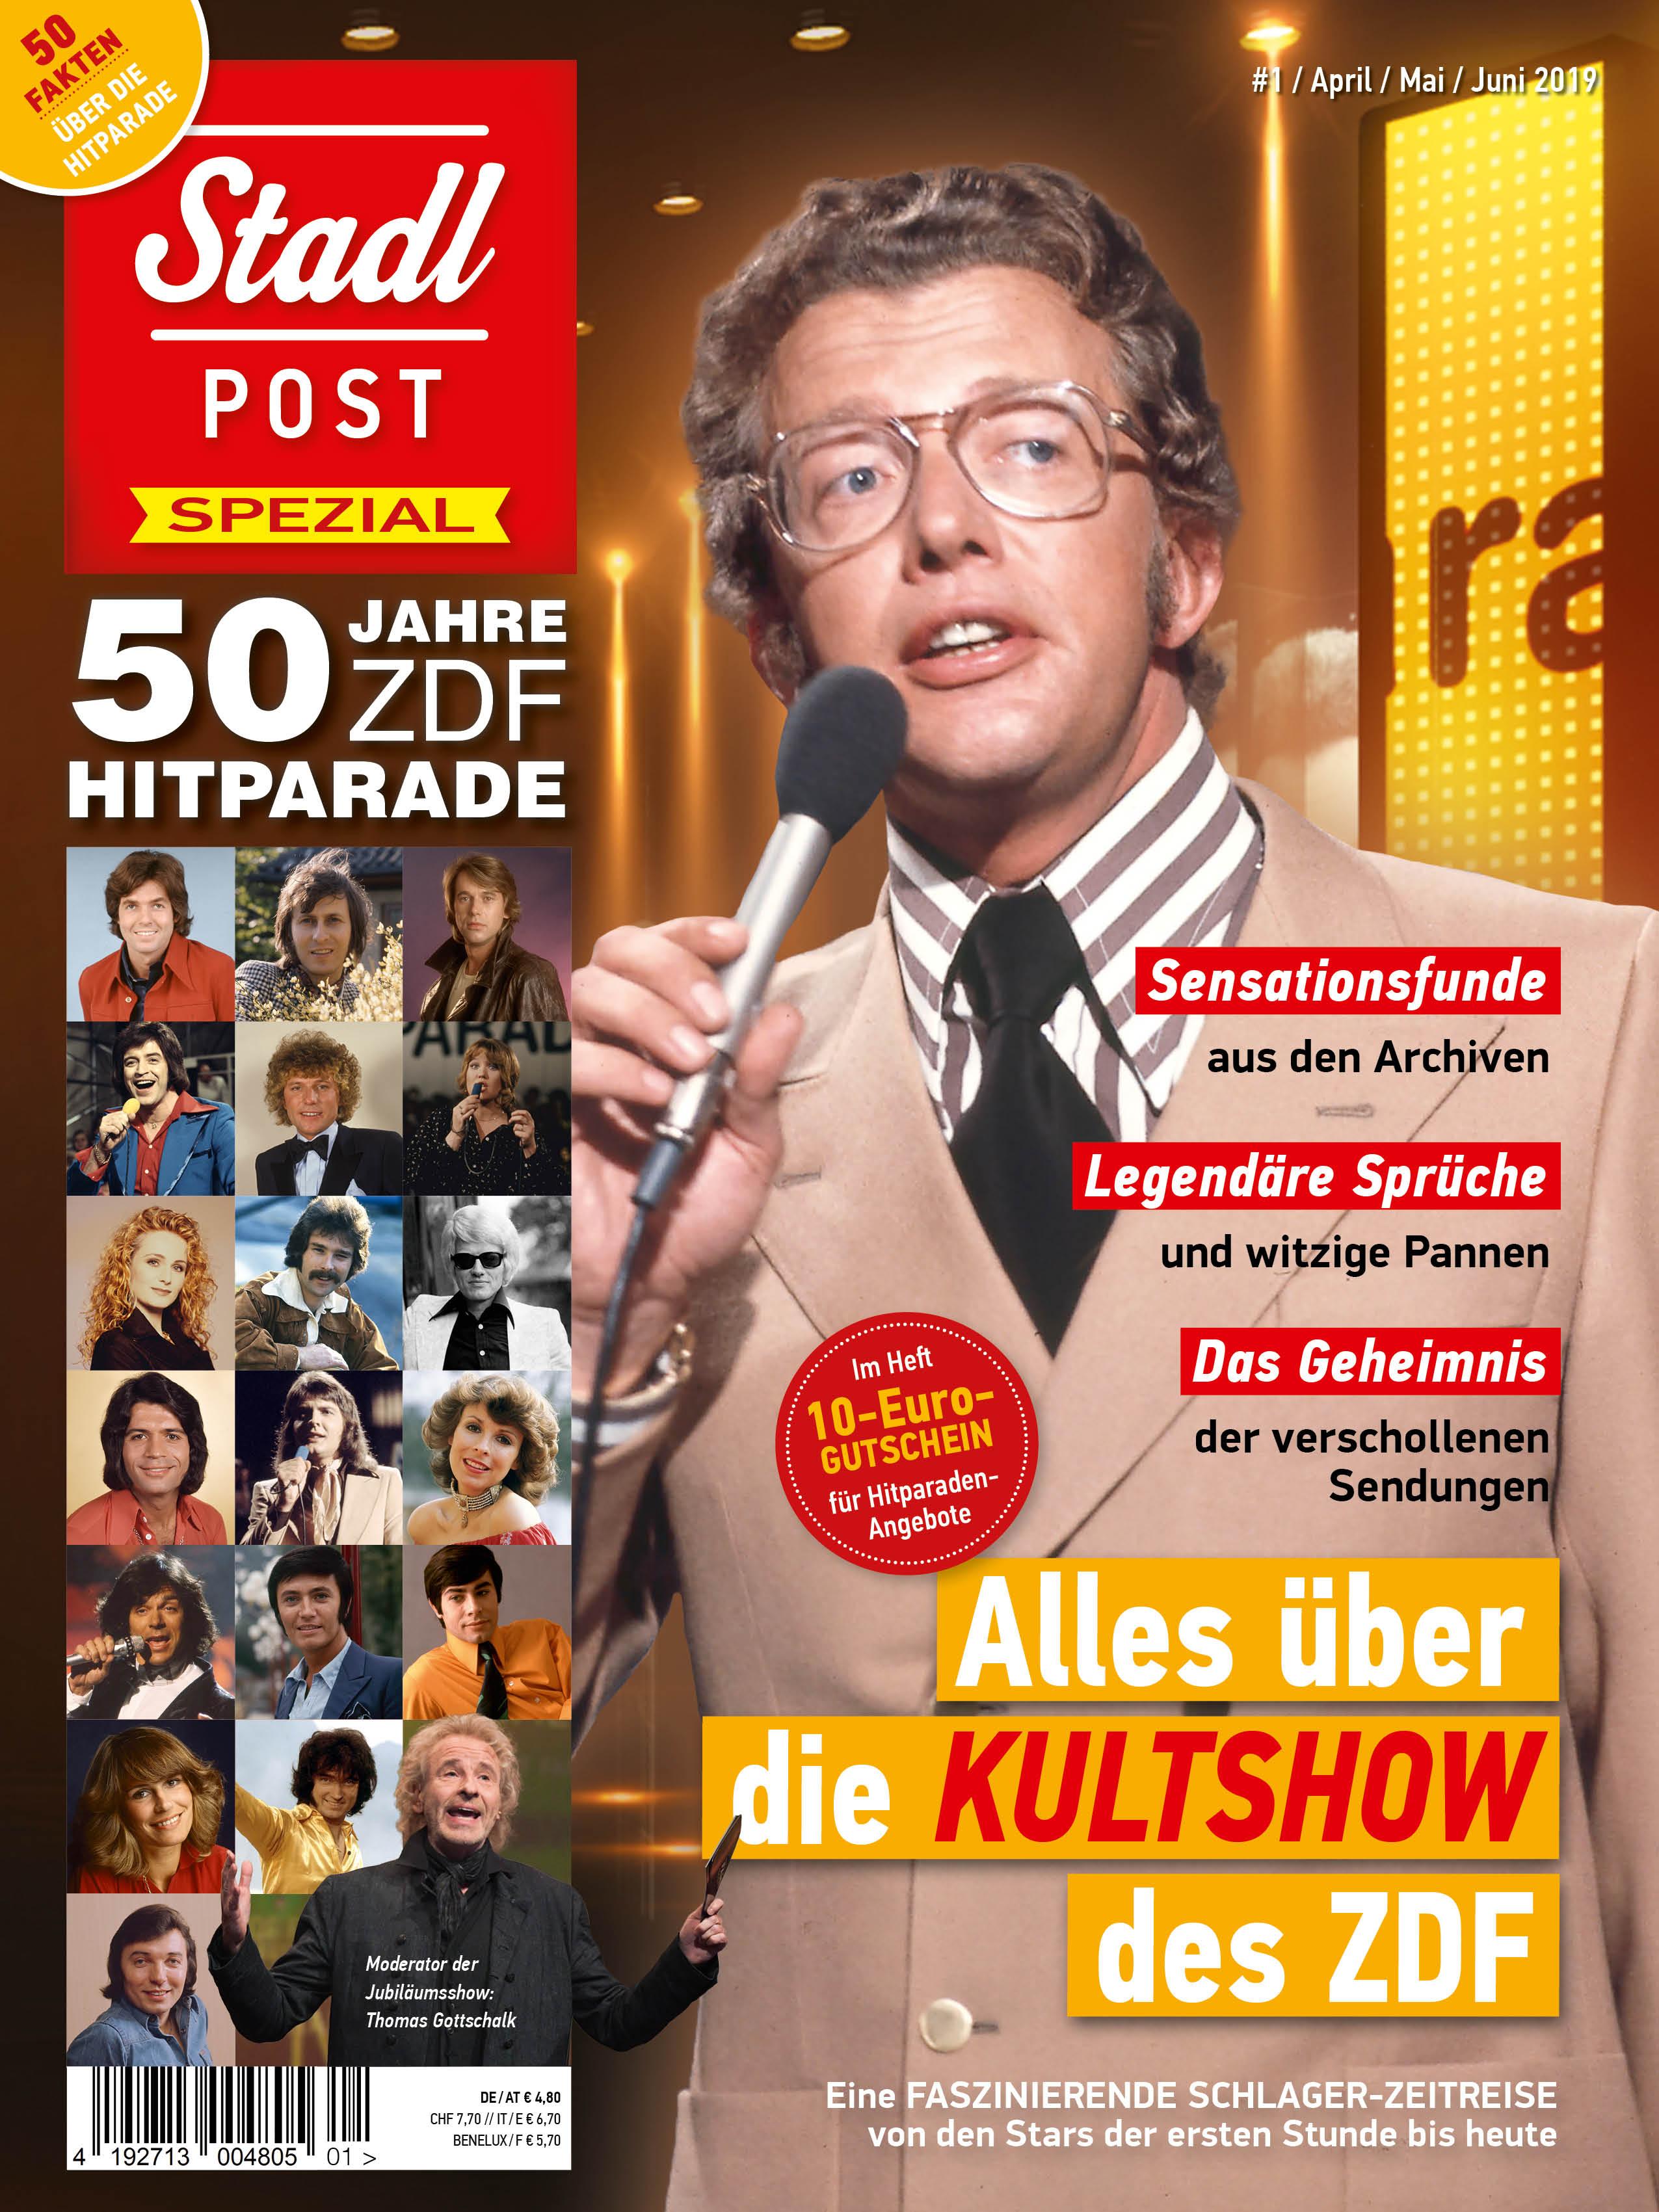 50 Jahre ZDF-Hitparade * STADLPOST Spezial in Kooperation mit Sony Music - ab 25.04.2019 im Handel